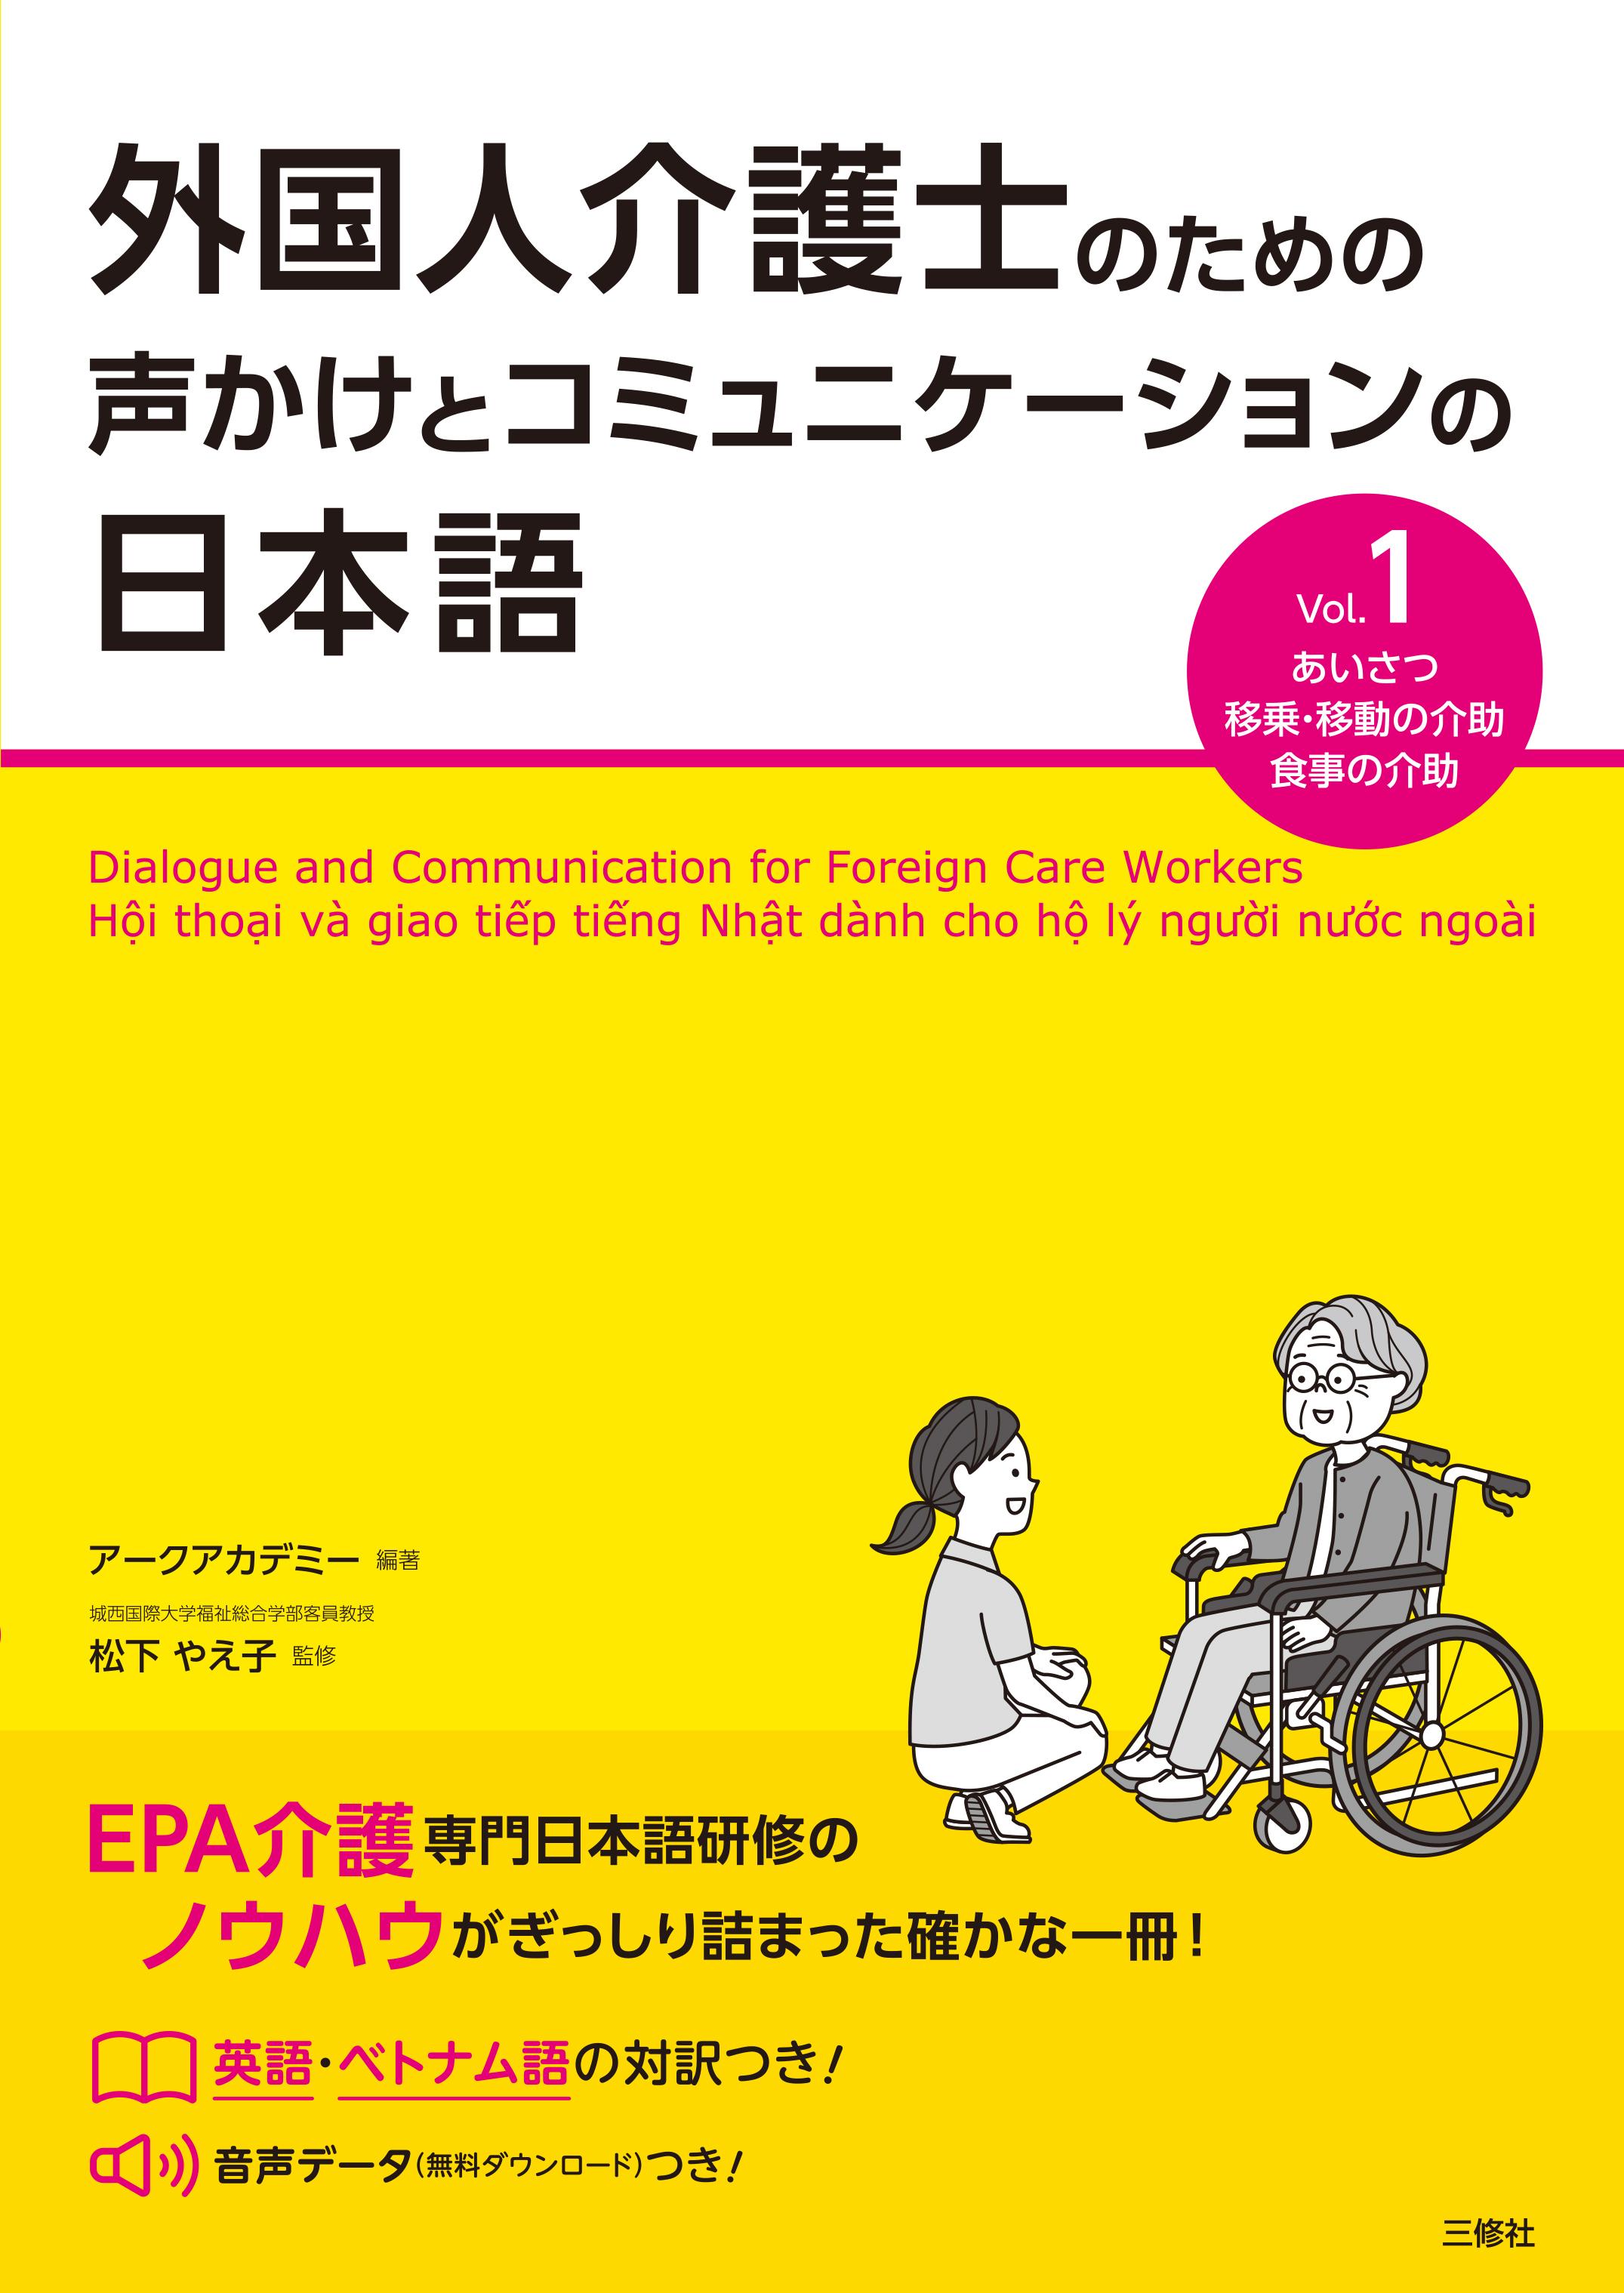 外国人介護士のための声かけとコミュニケーションの日本語 Vol.1画像